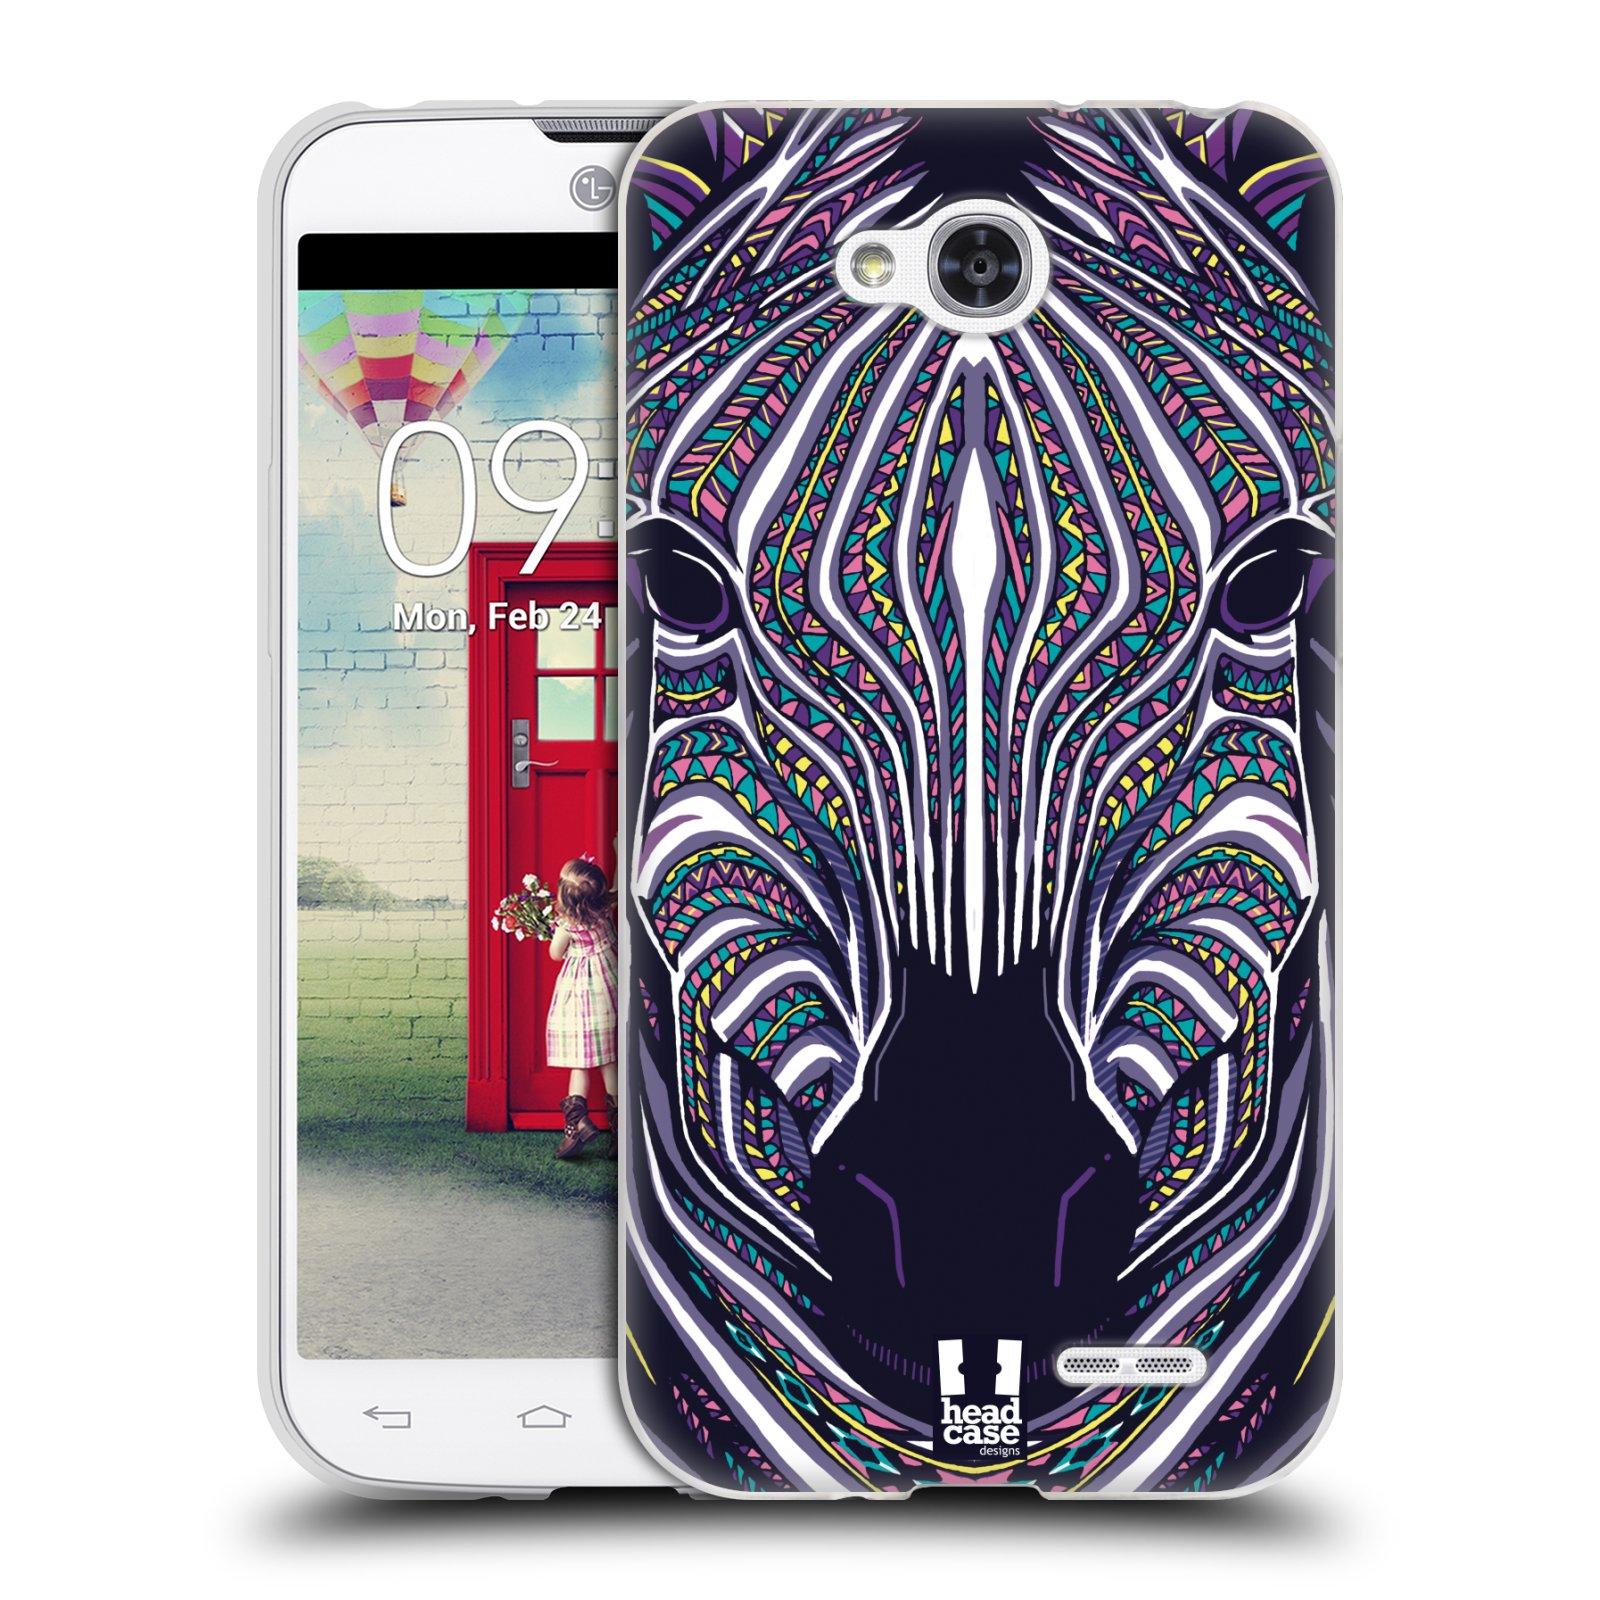 Silikonové pouzdro na mobil LG L90 HEAD CASE AZTEC ZEBRA (Silikonový kryt či obal na mobilní telefon LG L90 D405n)